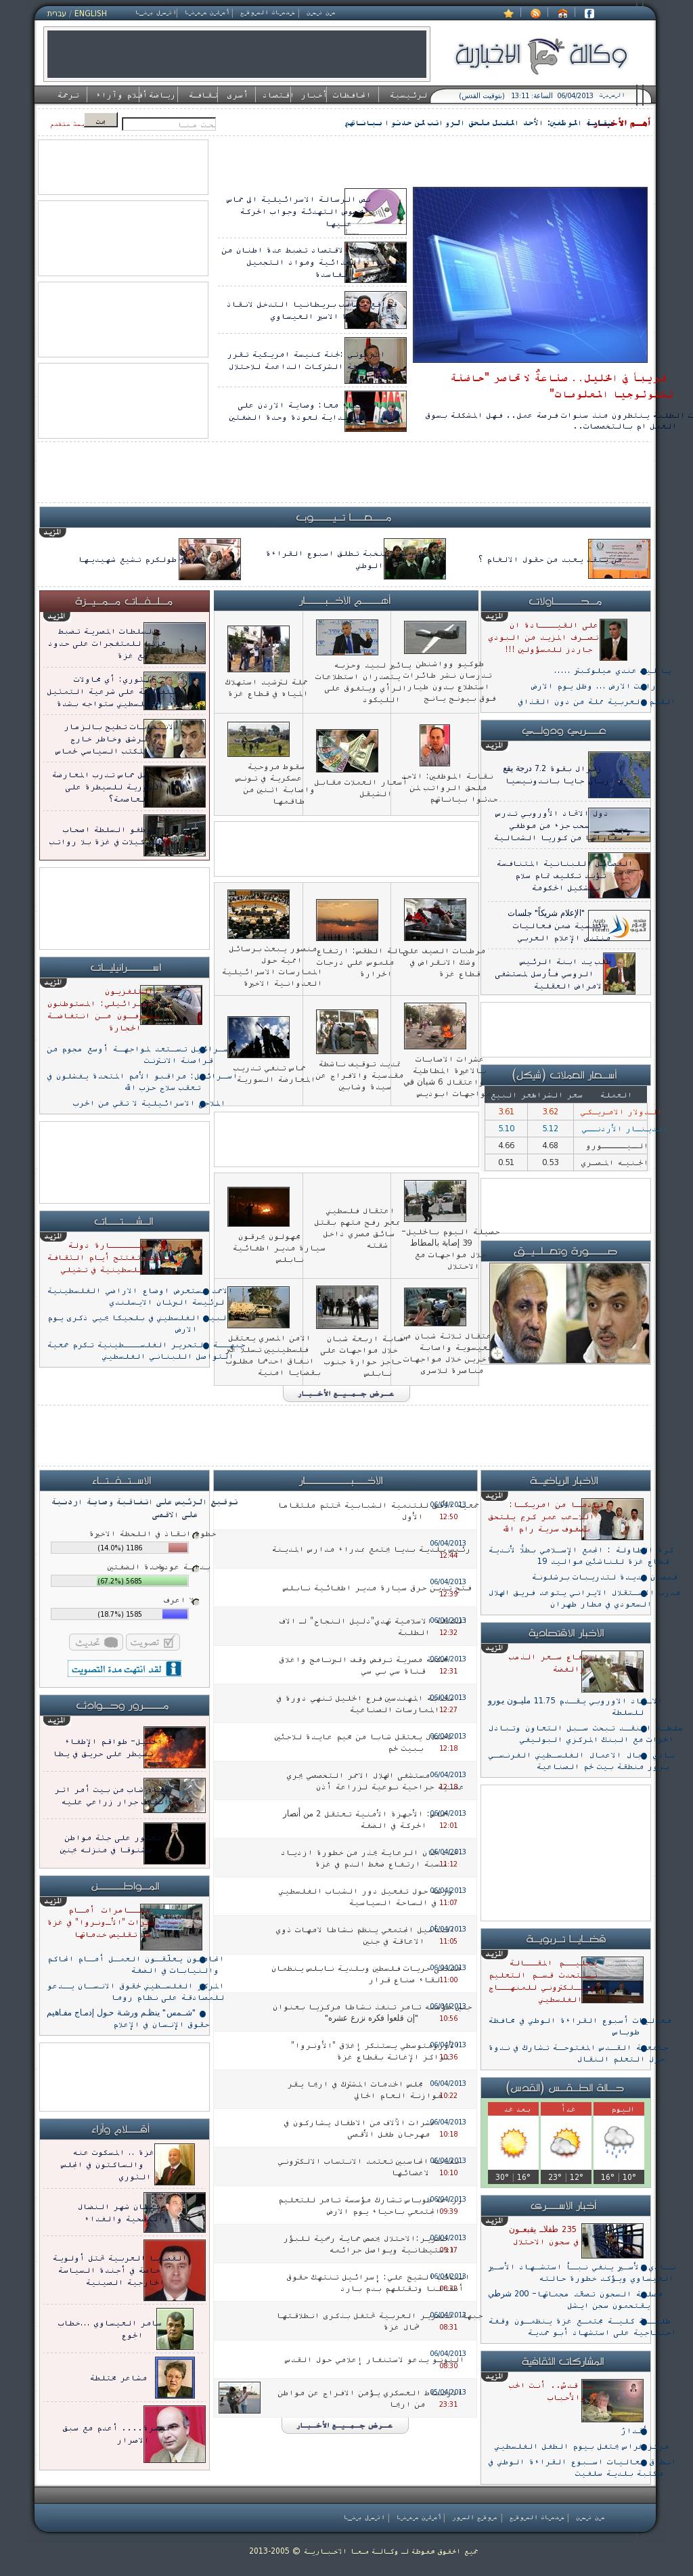 Ma'an News at Saturday April 6, 2013, 10:11 a.m. UTC